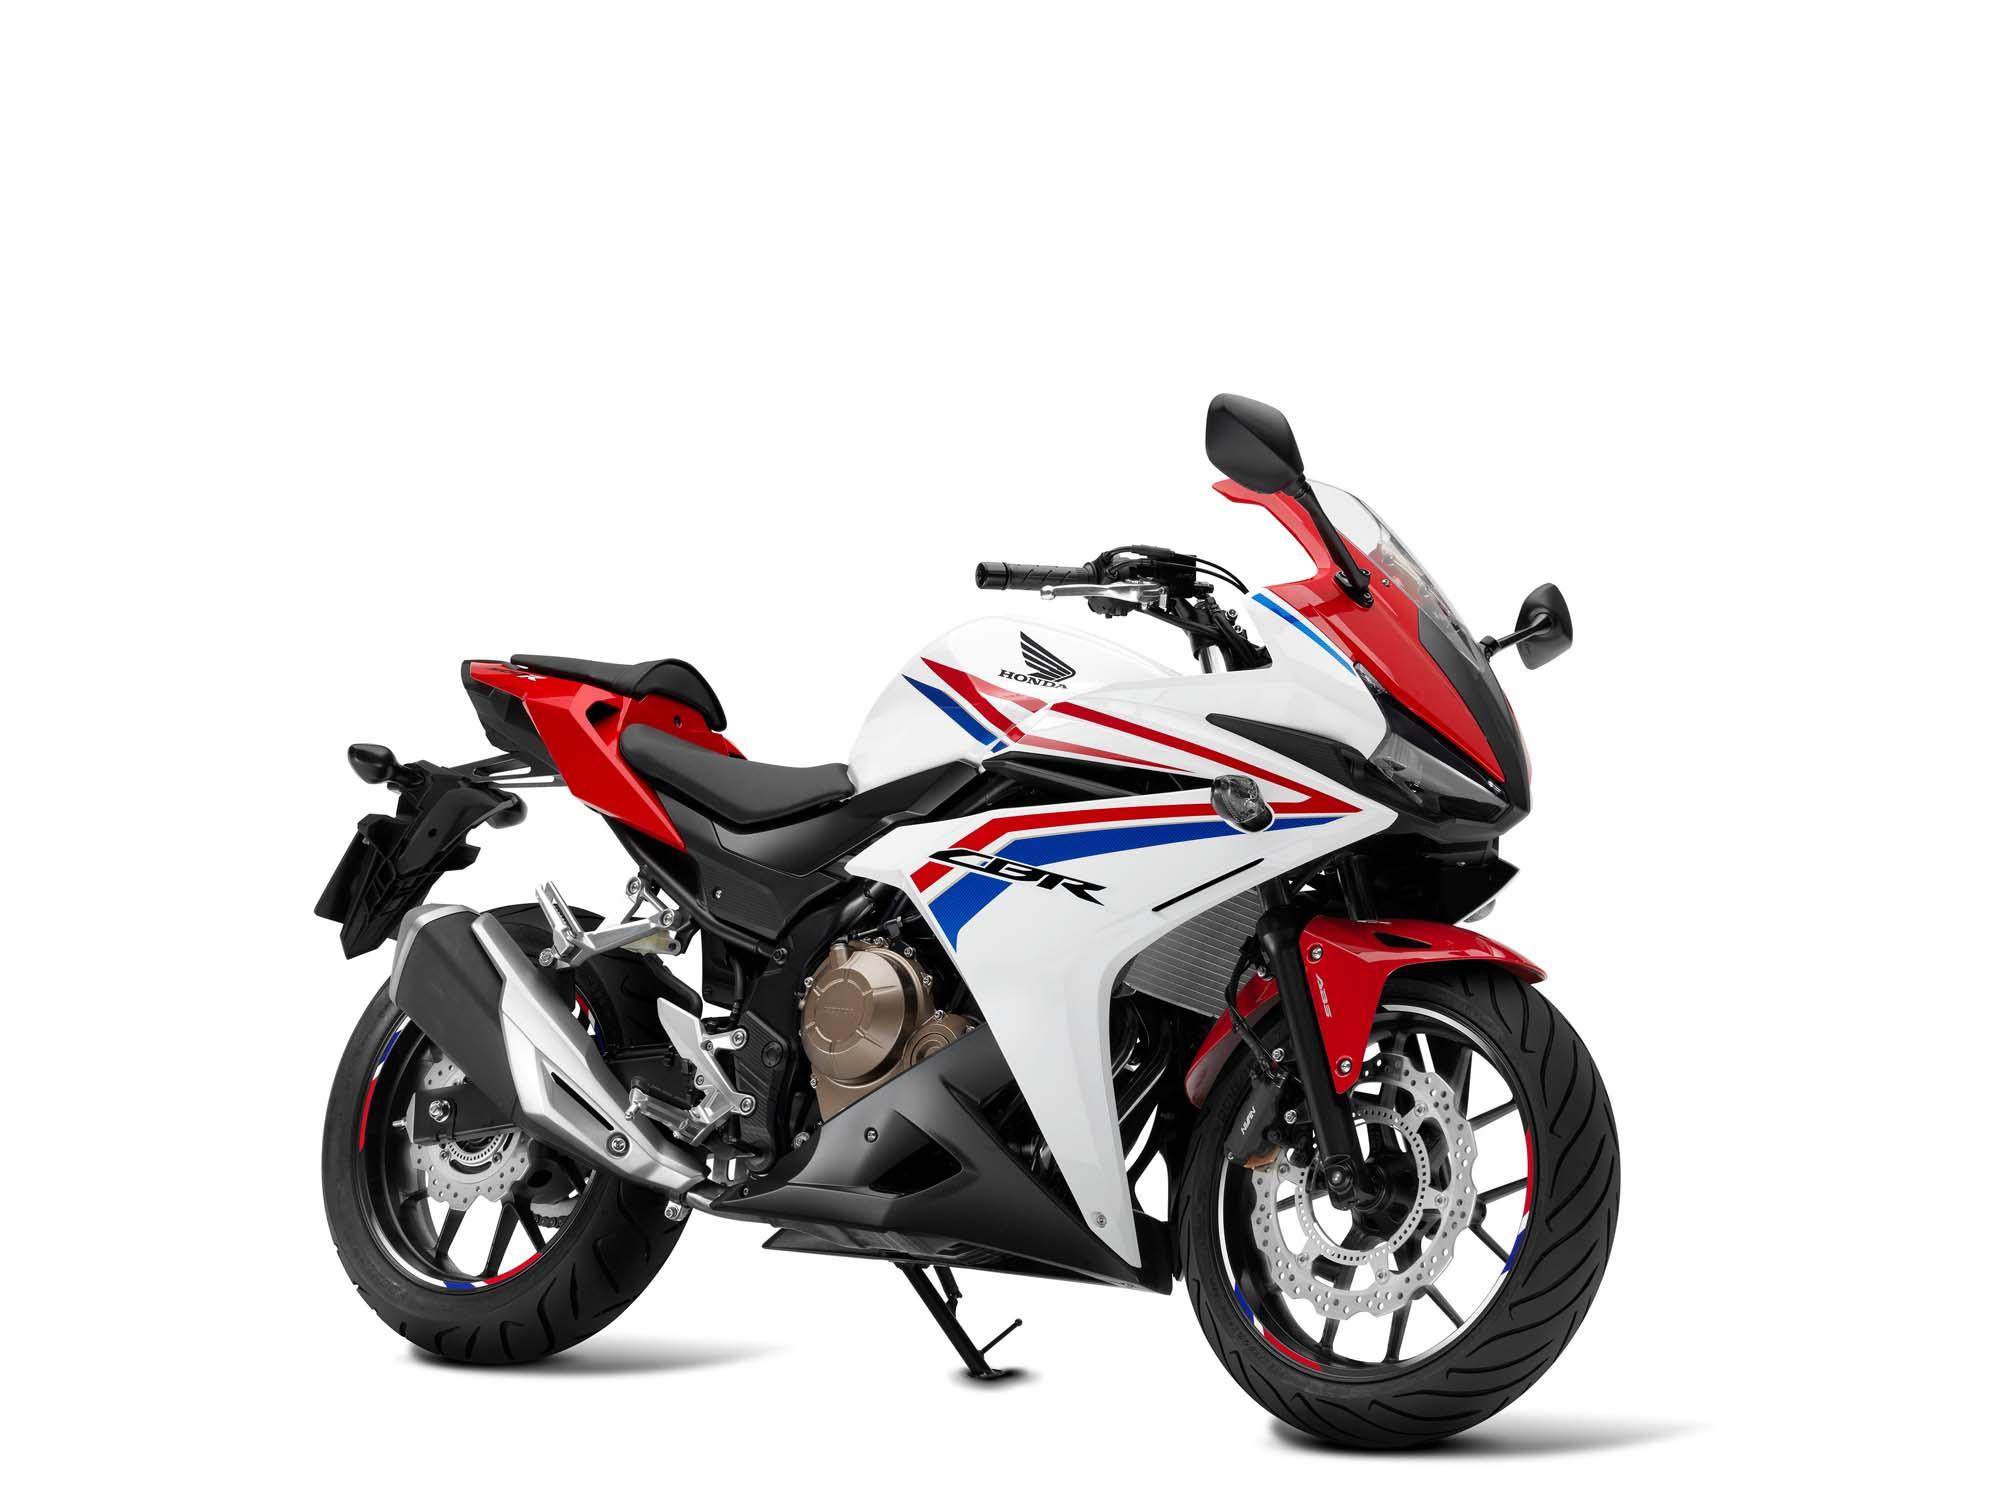 Gebrauchte Honda CBR 500 R Motorräder kaufen